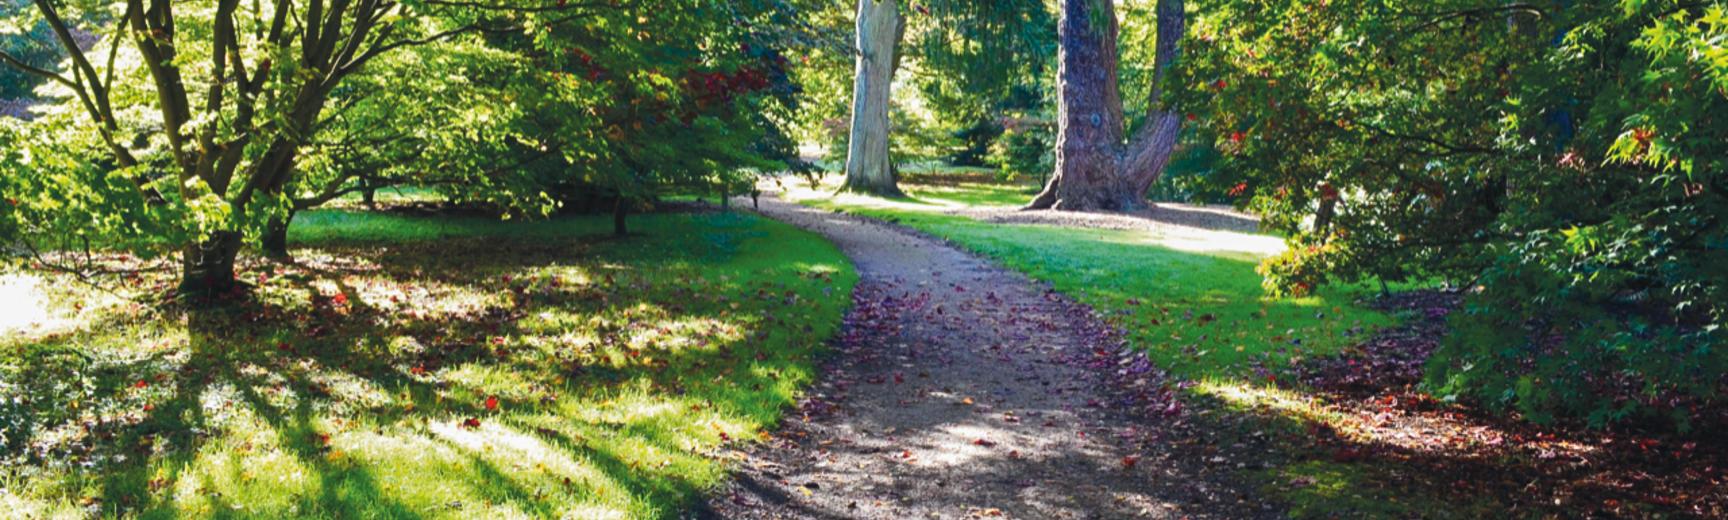 Acer Glade - Harcourt Arboretum